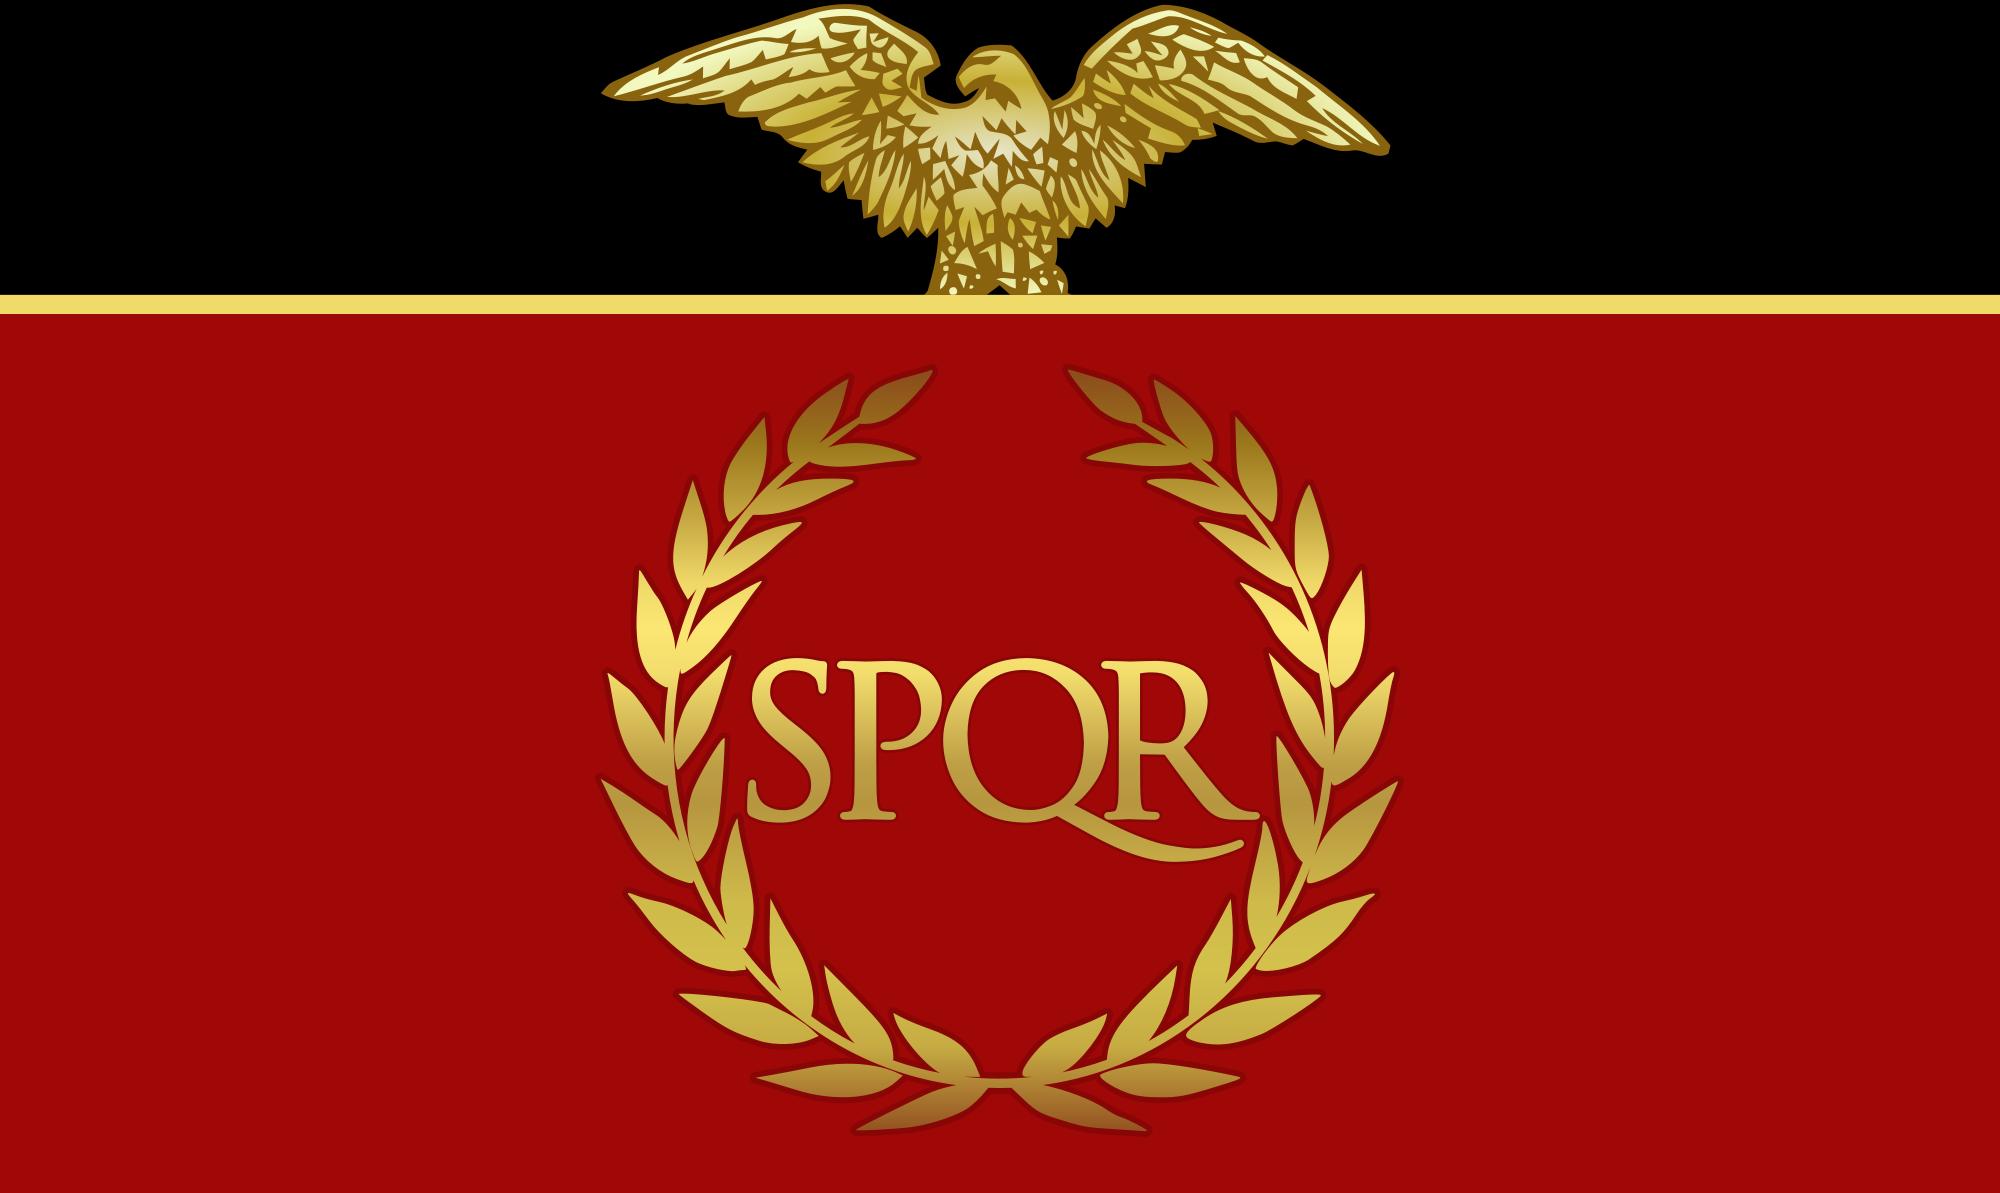 rome_flag_spqr.png